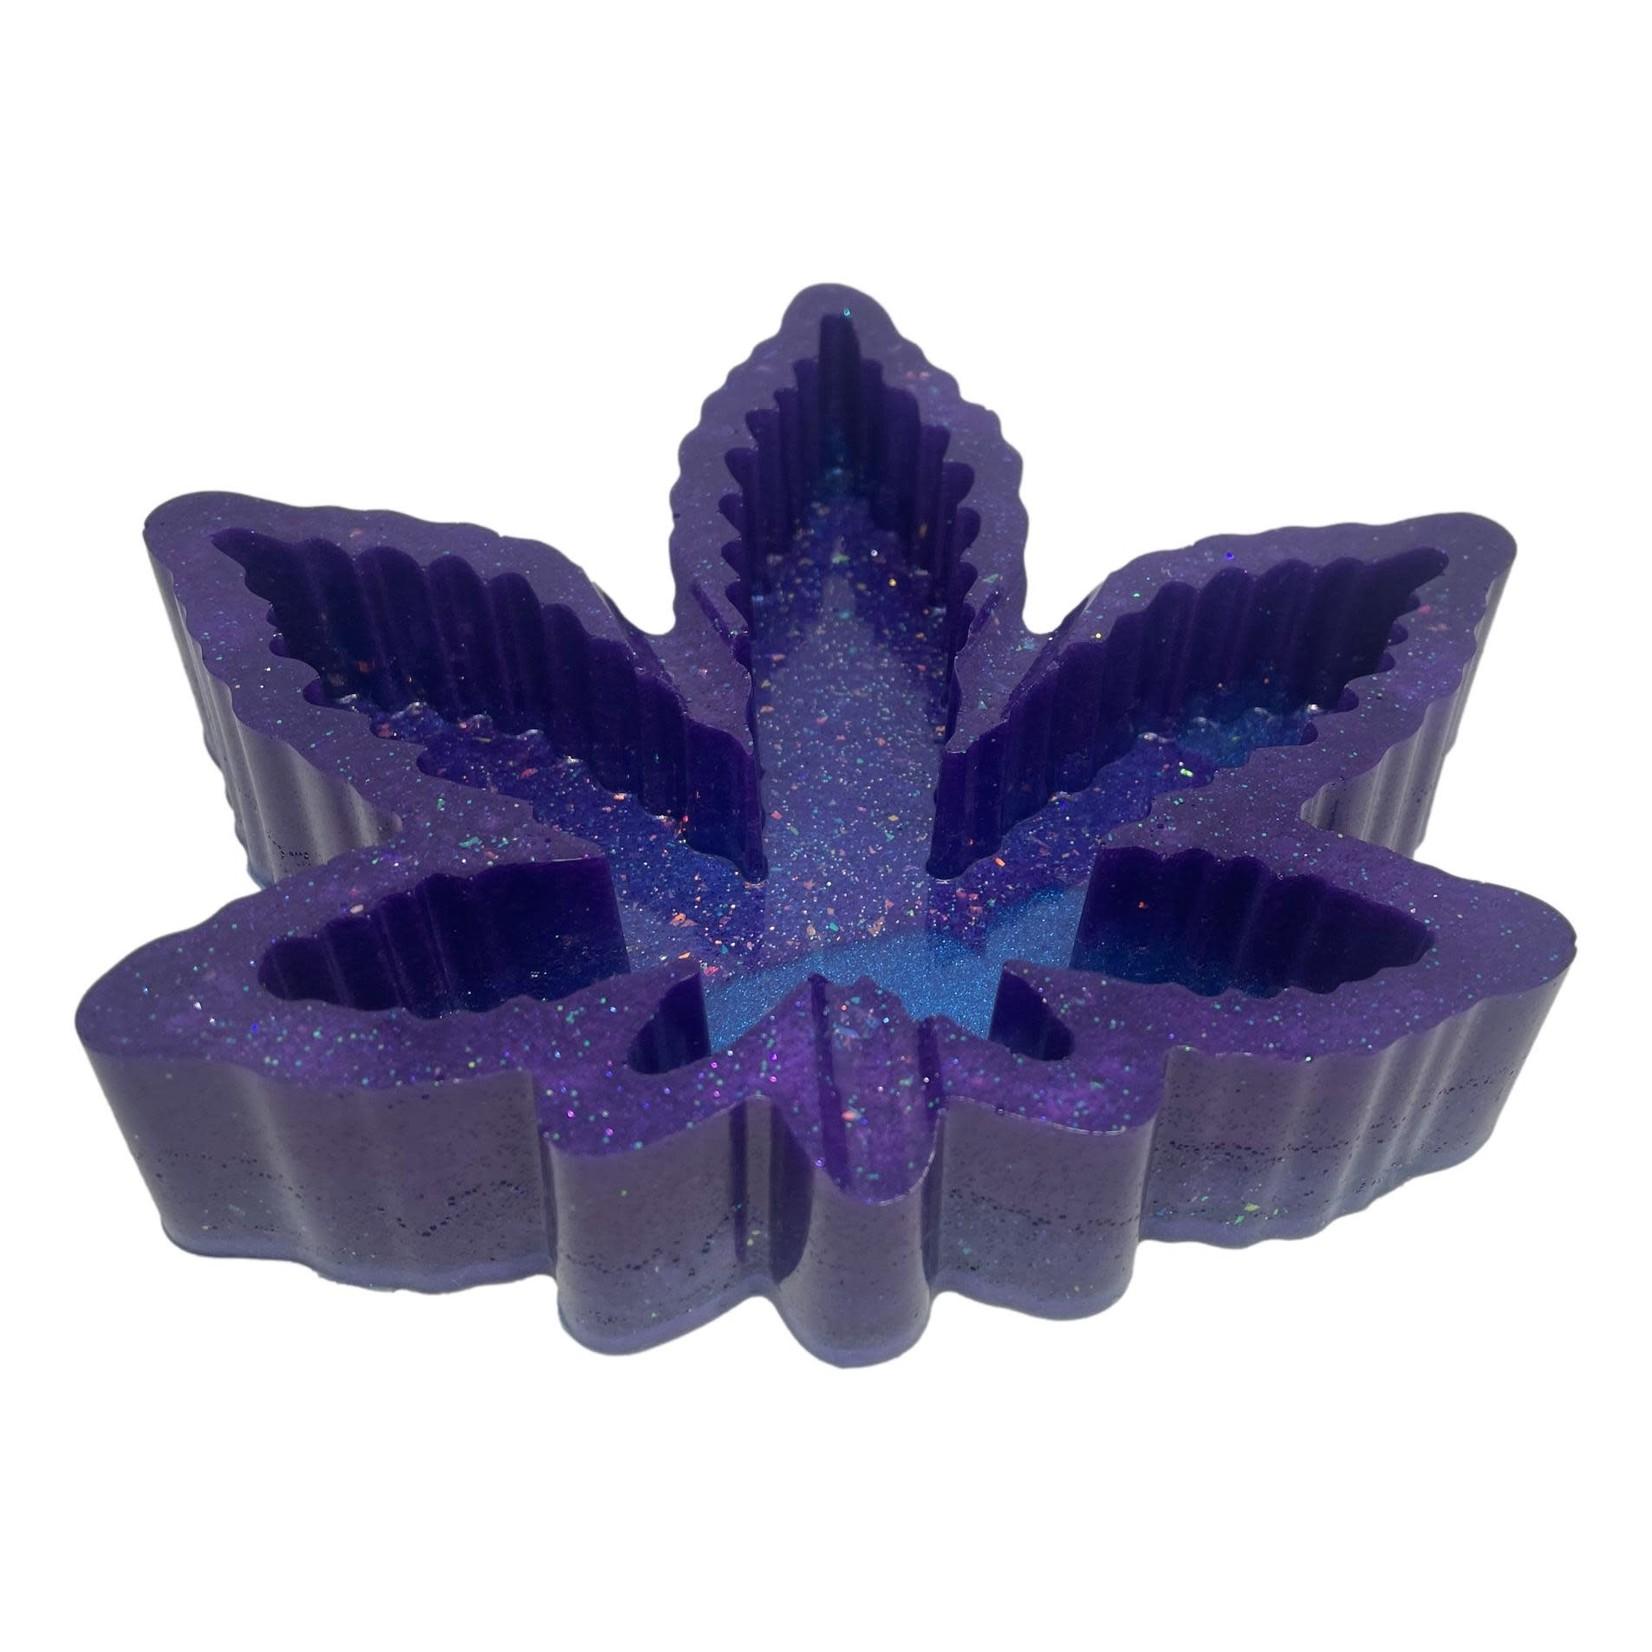 East Coast Sirens Purple Pot Leaf Resin Ashtray